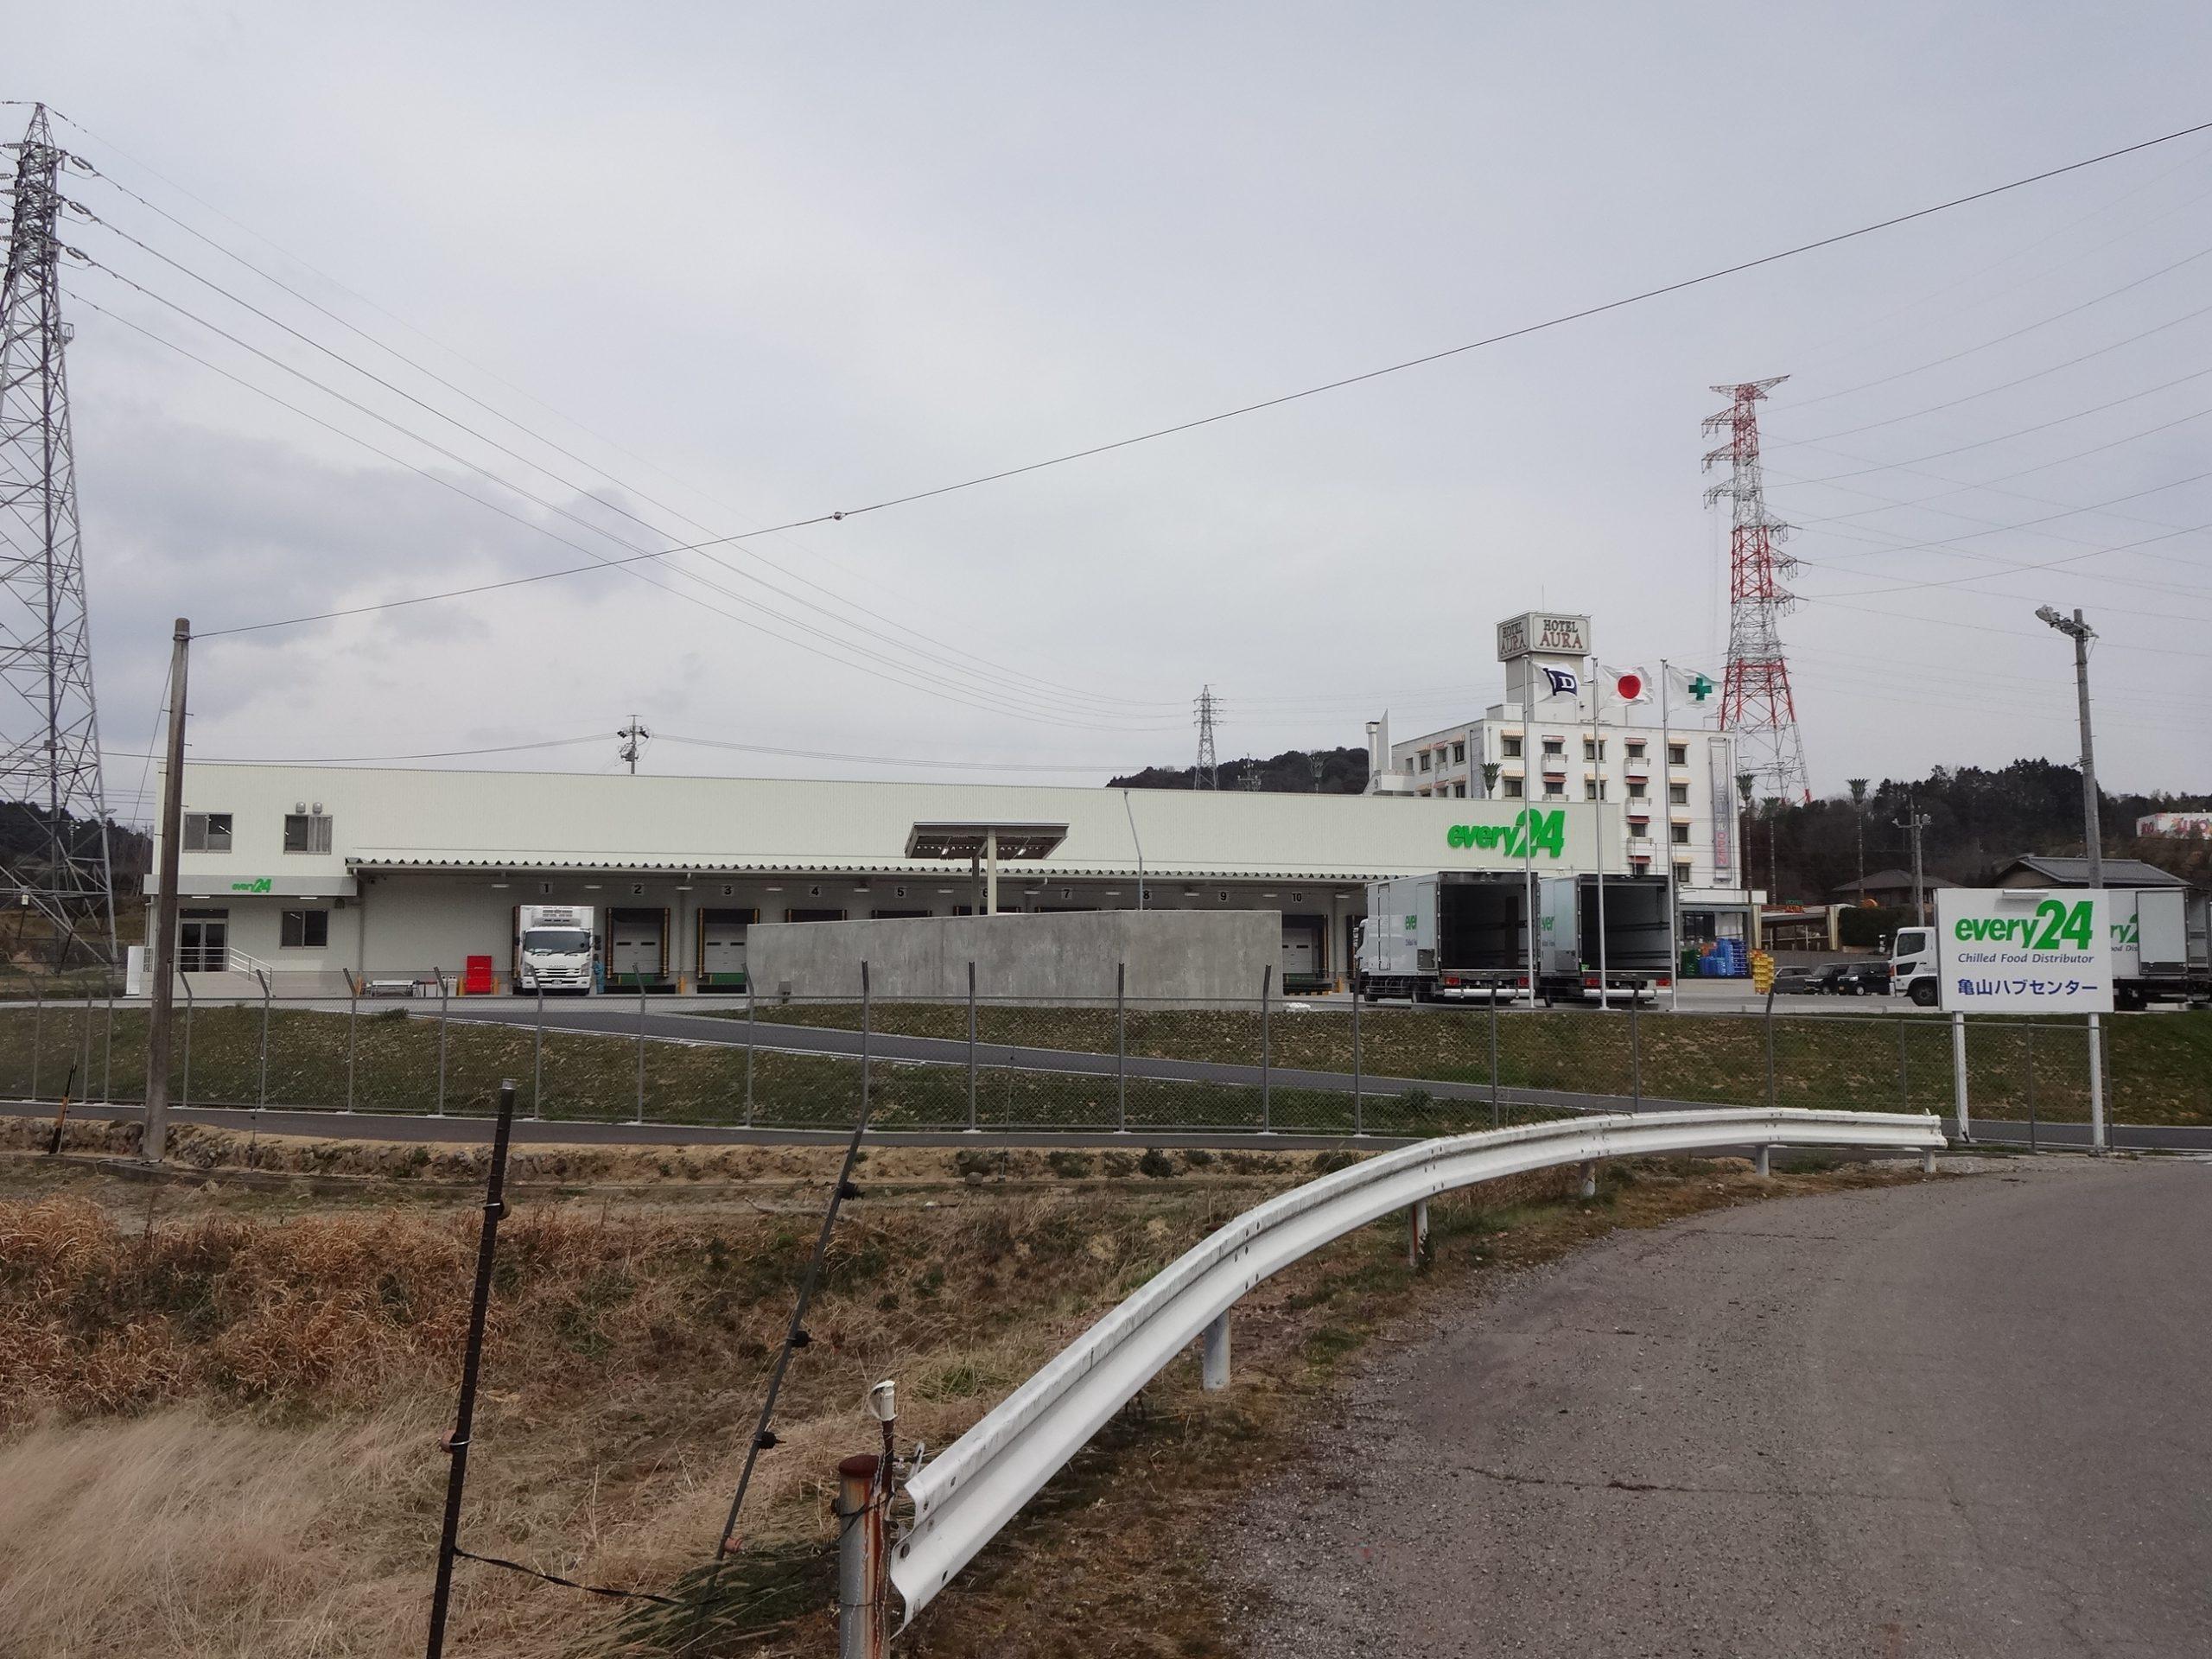 ダイセーエブリー二十四㈱亀山ハブセンター建設工事に伴う開発申請業務